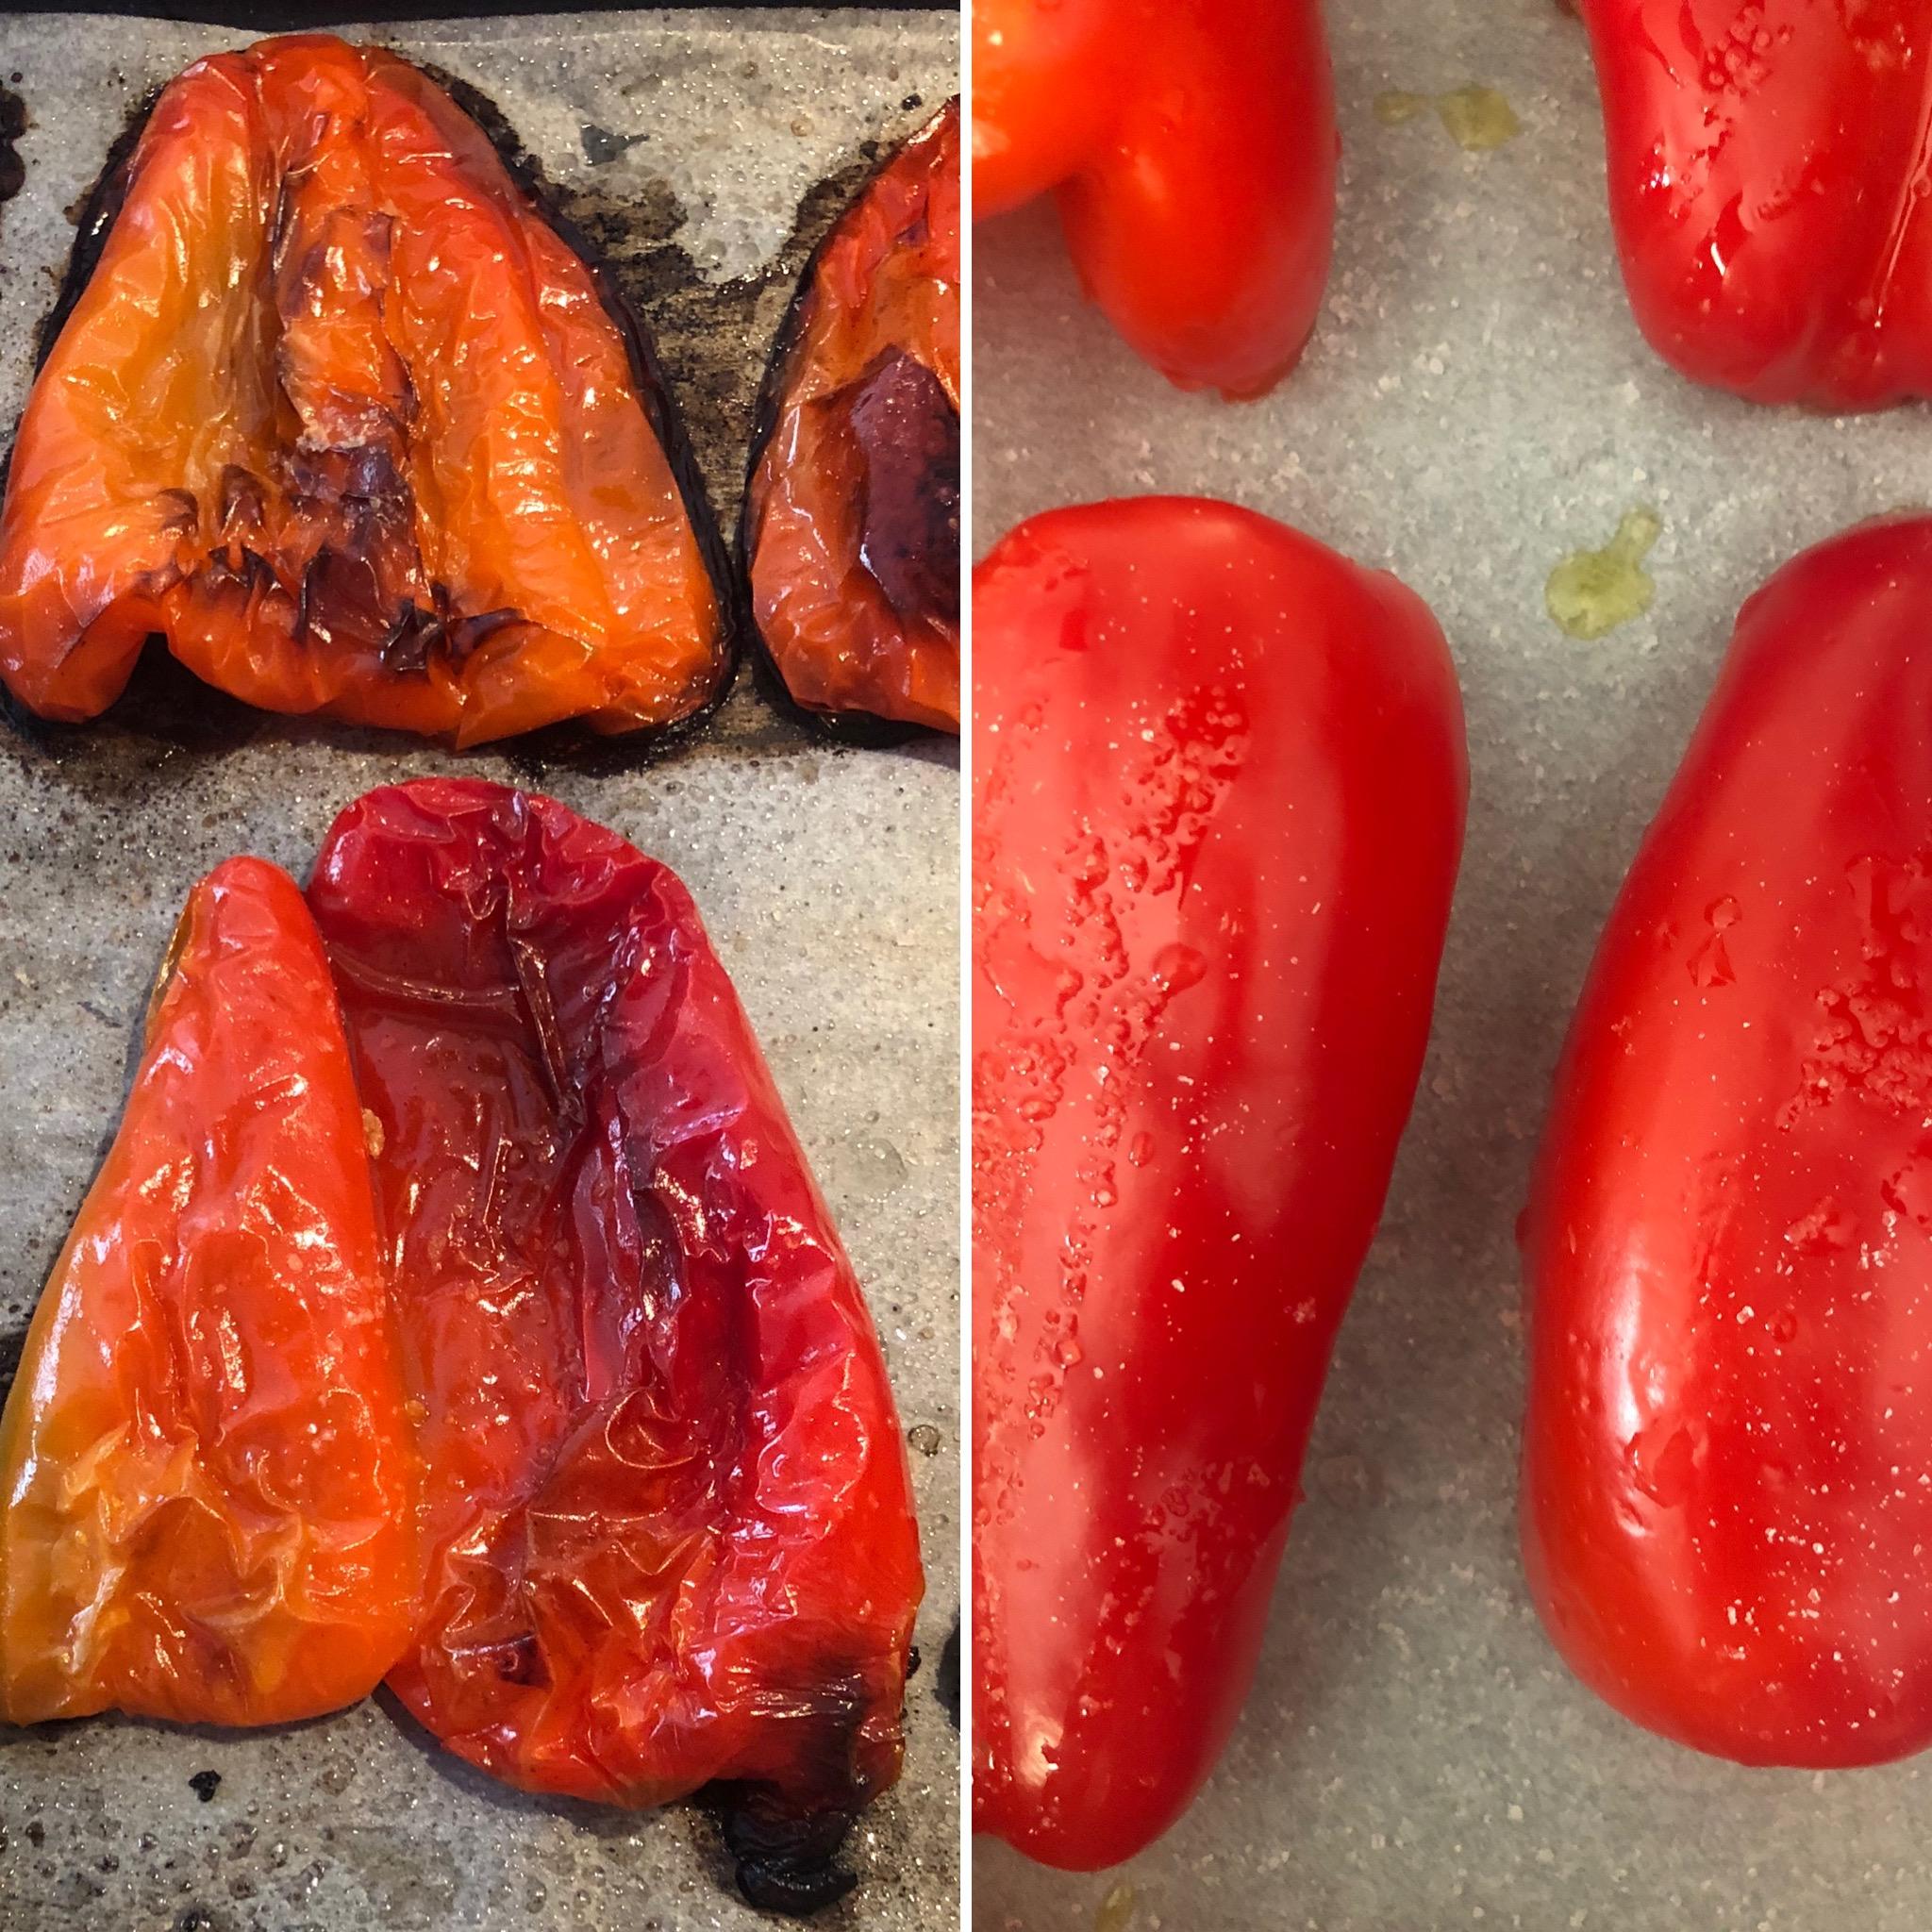 Pieczona papryka, czyli jak obrać paprykę ze skórki